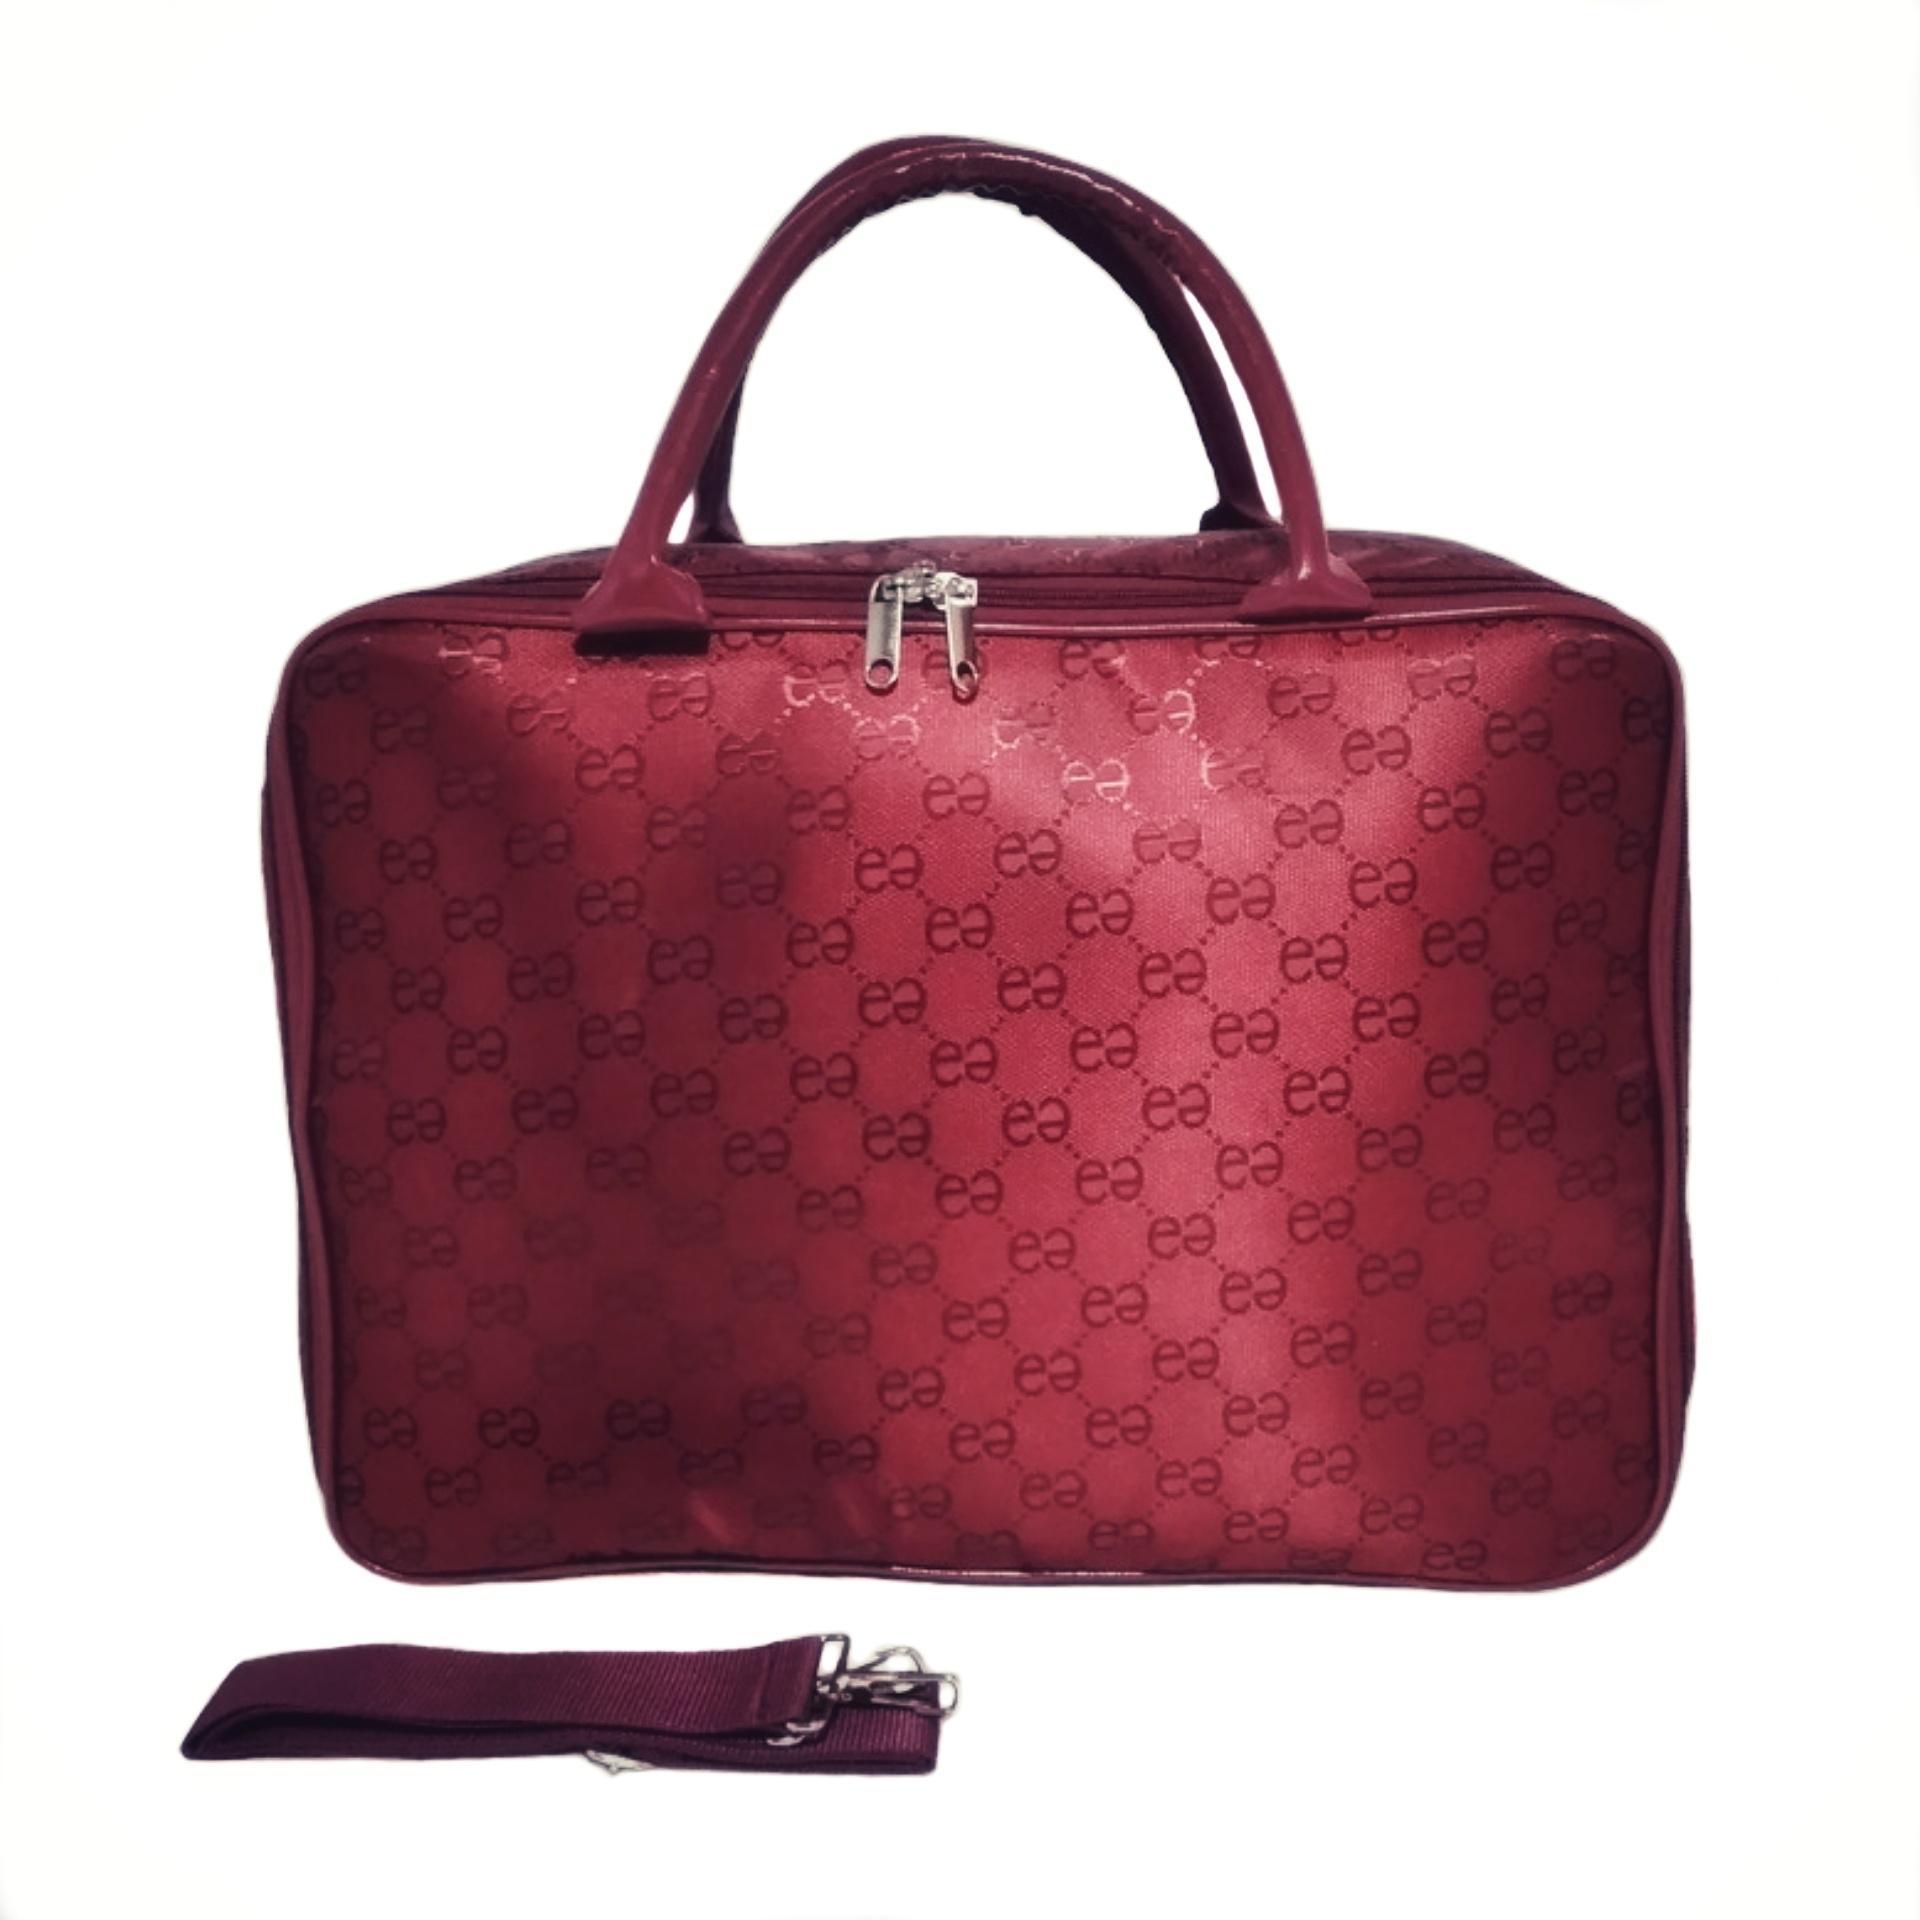 Amt Tas Koper Travel Bag Fashion Pria Dan Wanita Bahan Emboss Premium - Red By Baby Kiddies Corner.